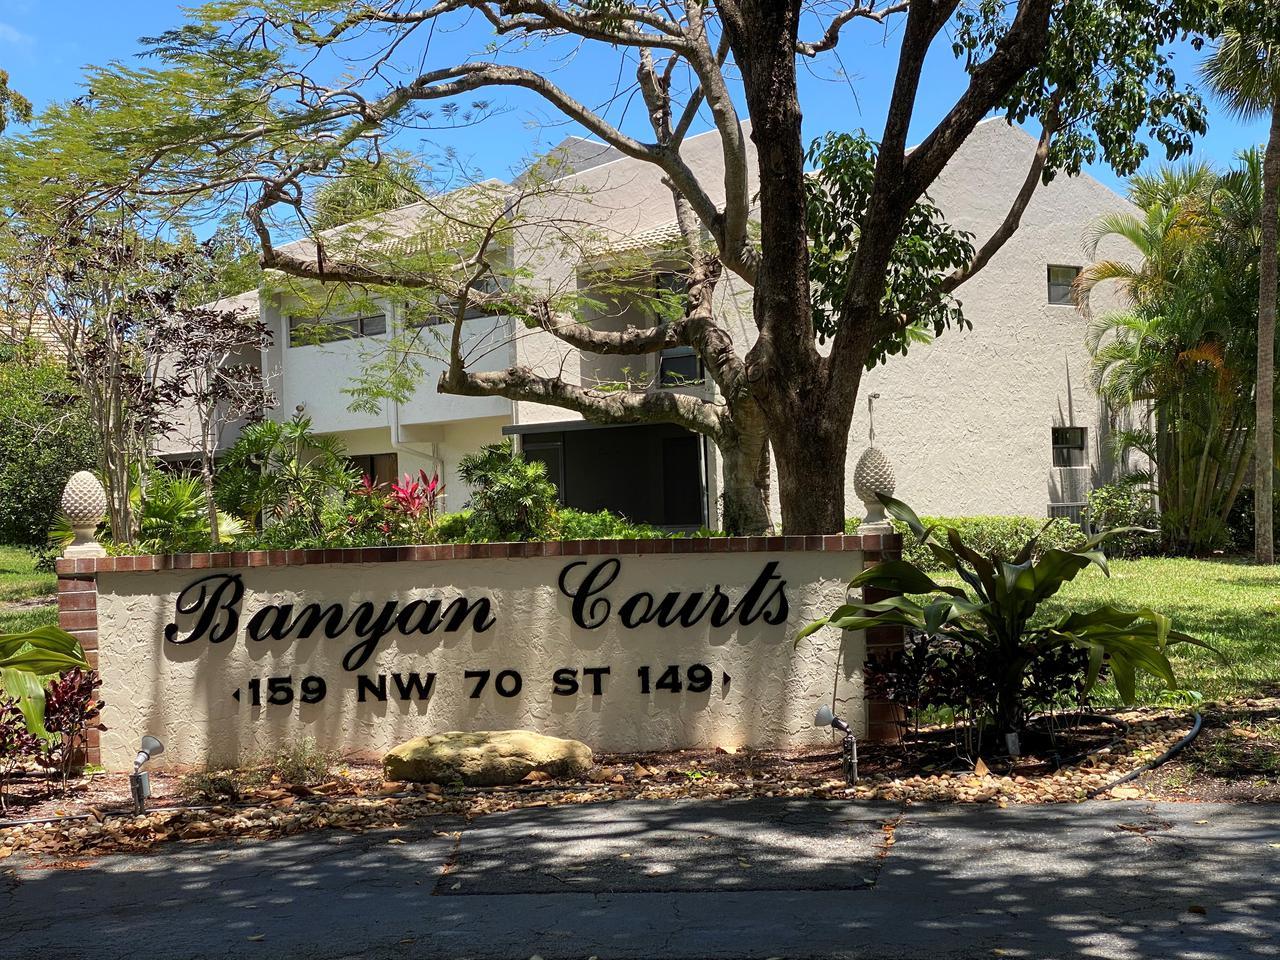 banyan courts.jpg